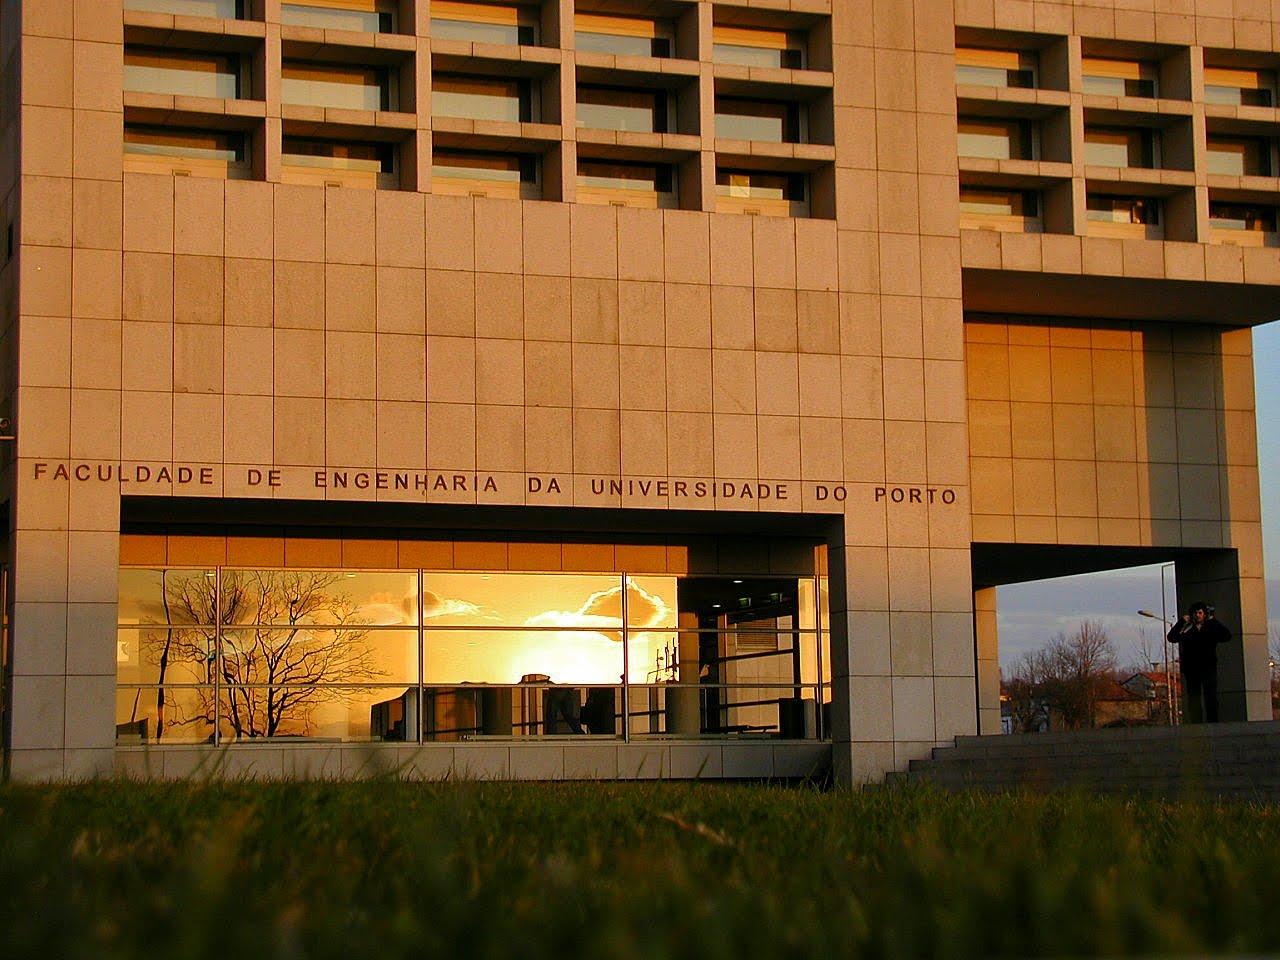 Estudando em Portugal: Faculdade de Engenharia da Universidade do  #B25102 1280 960